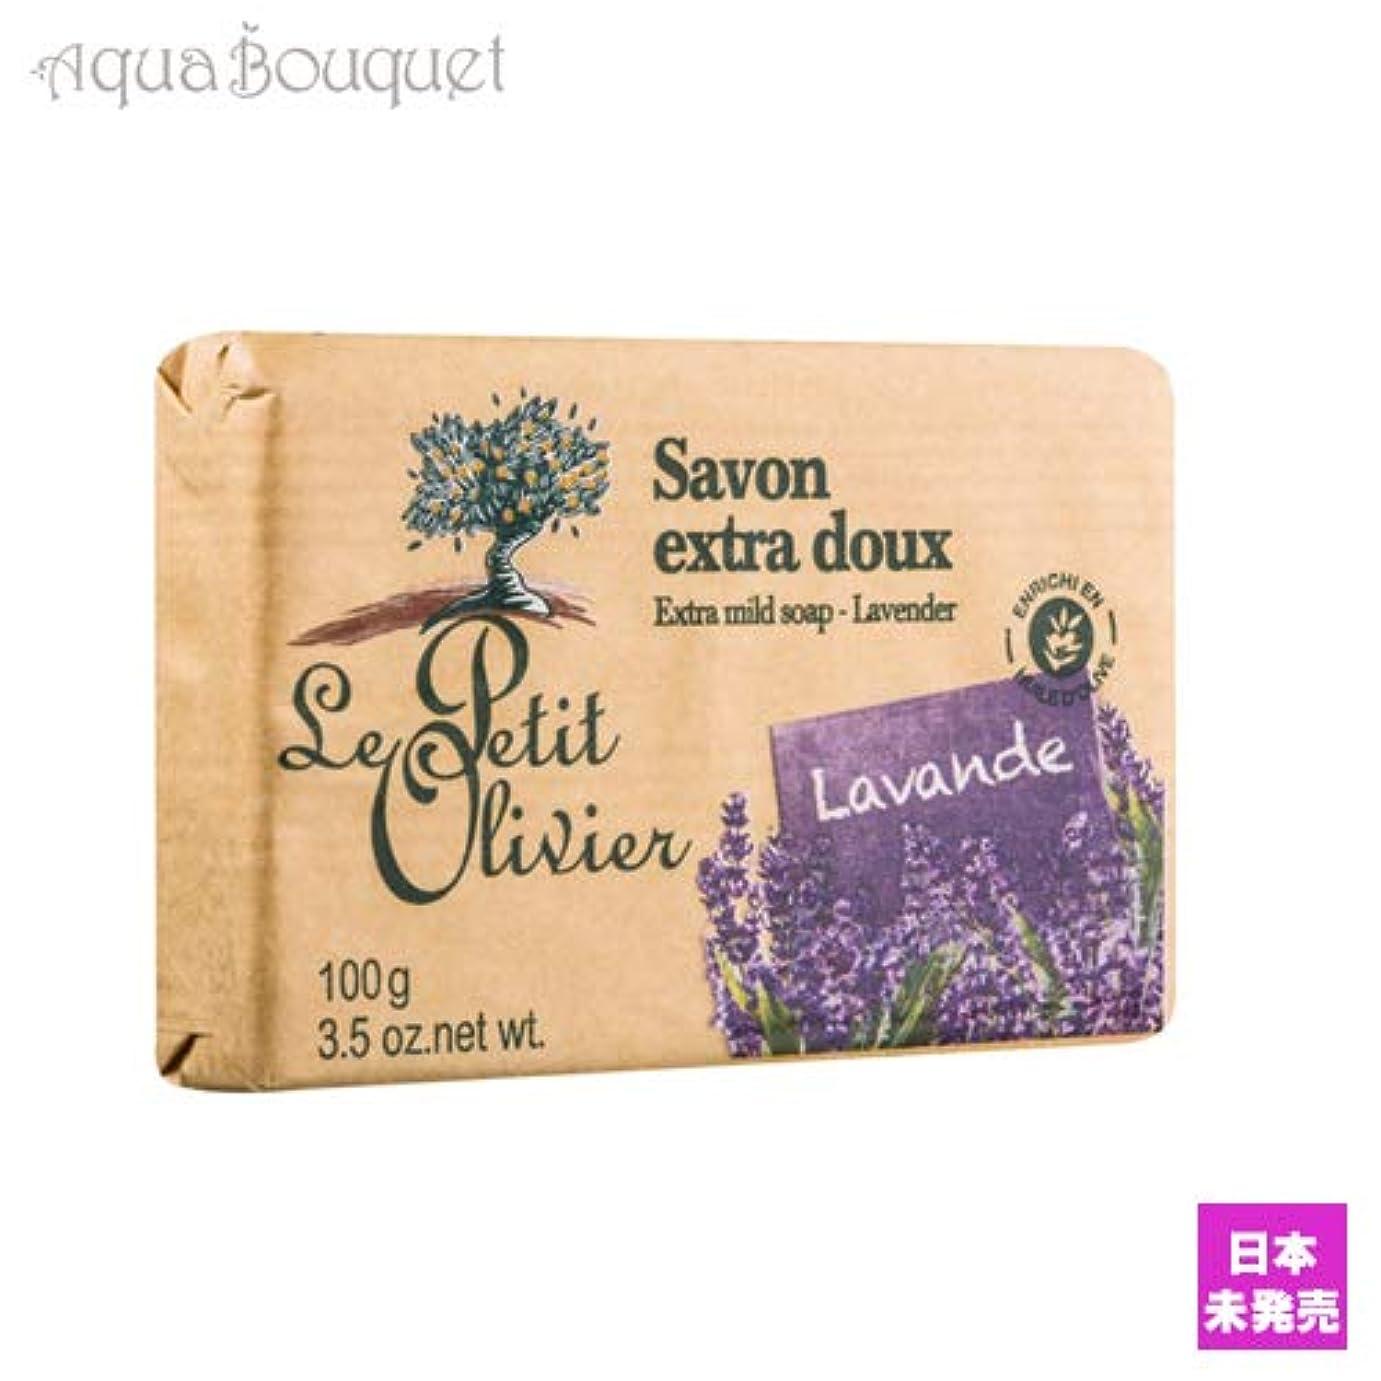 リップ戦術書店ル プティ オリヴィエ ラベンダー ソープ 100g LE PETIT OLIVIER SOAP LAVENDER [5325] [並行輸入品]